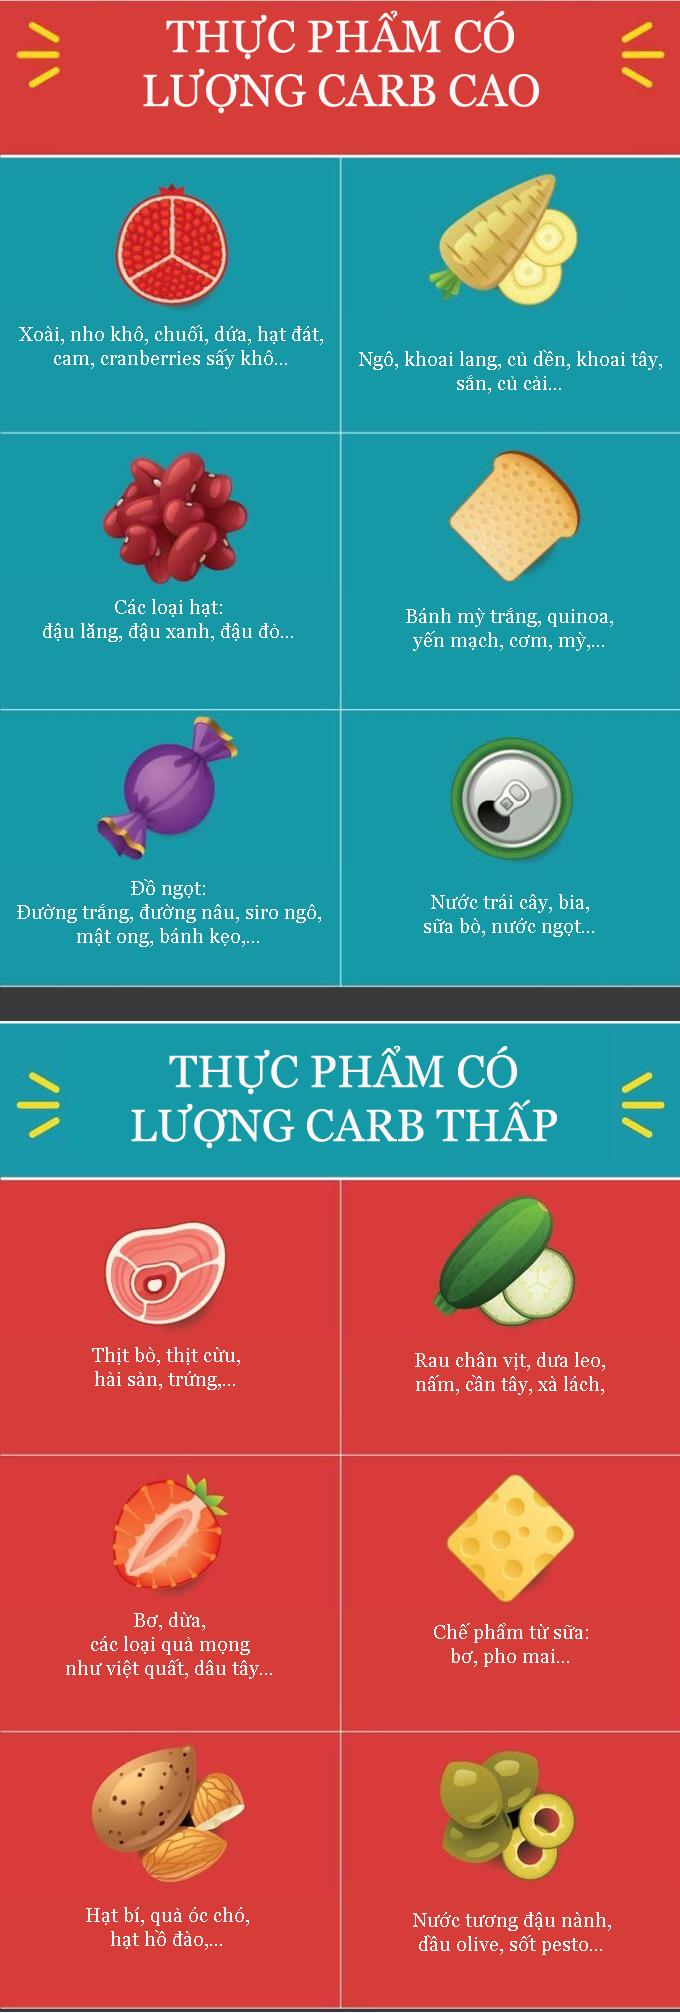 Nhóm thực phẩm có lượng carb cao